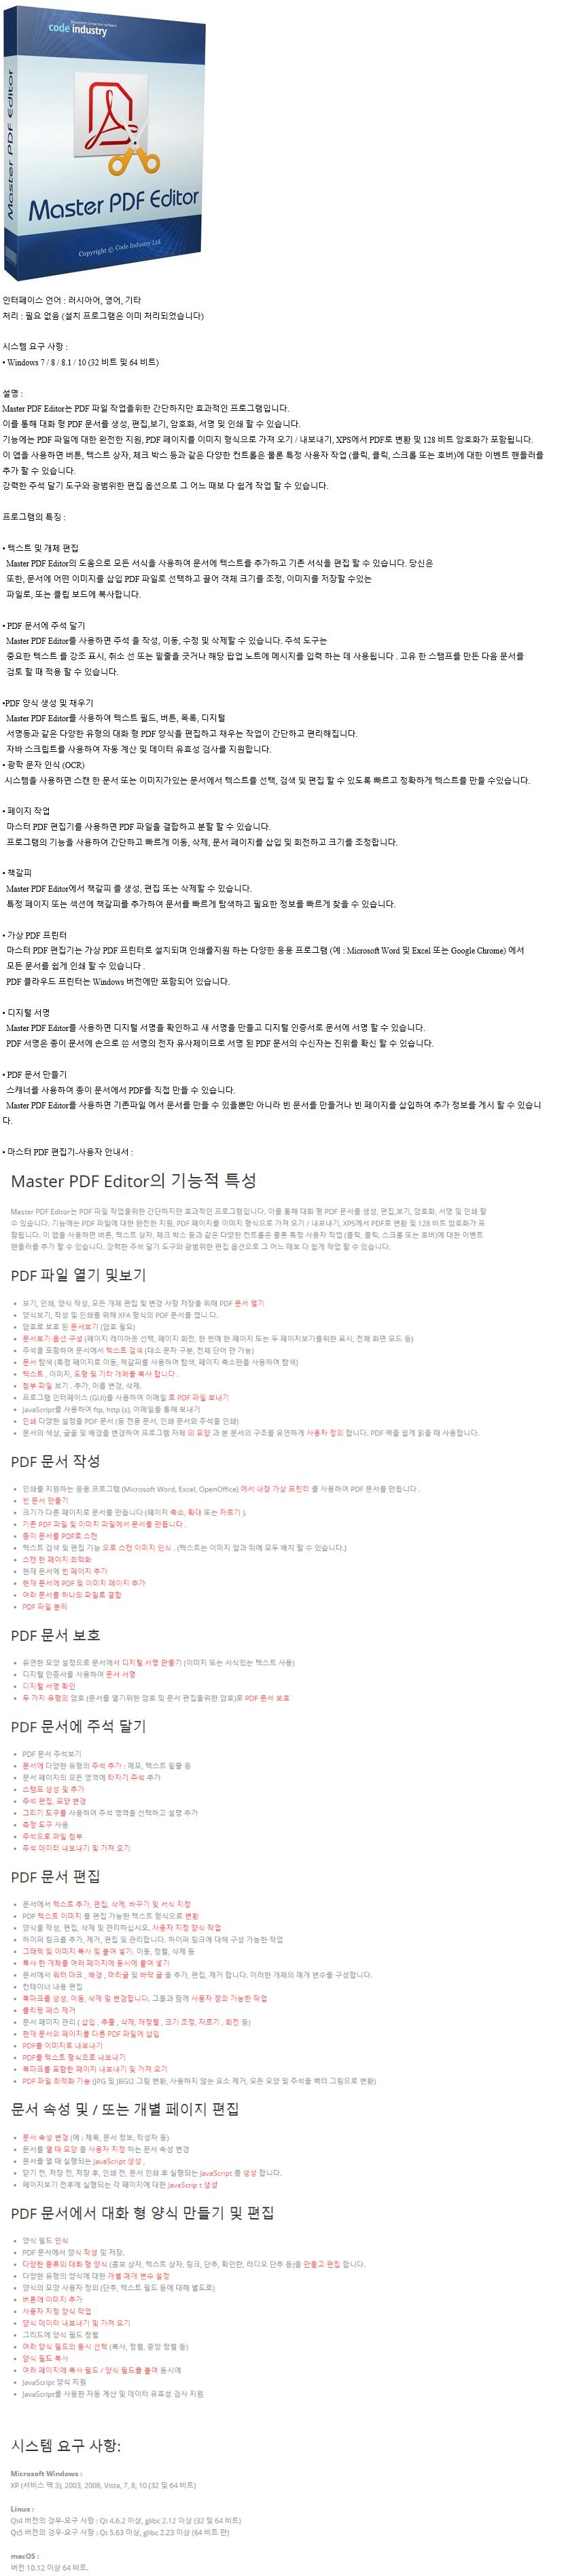 Master PDF Editor_.png